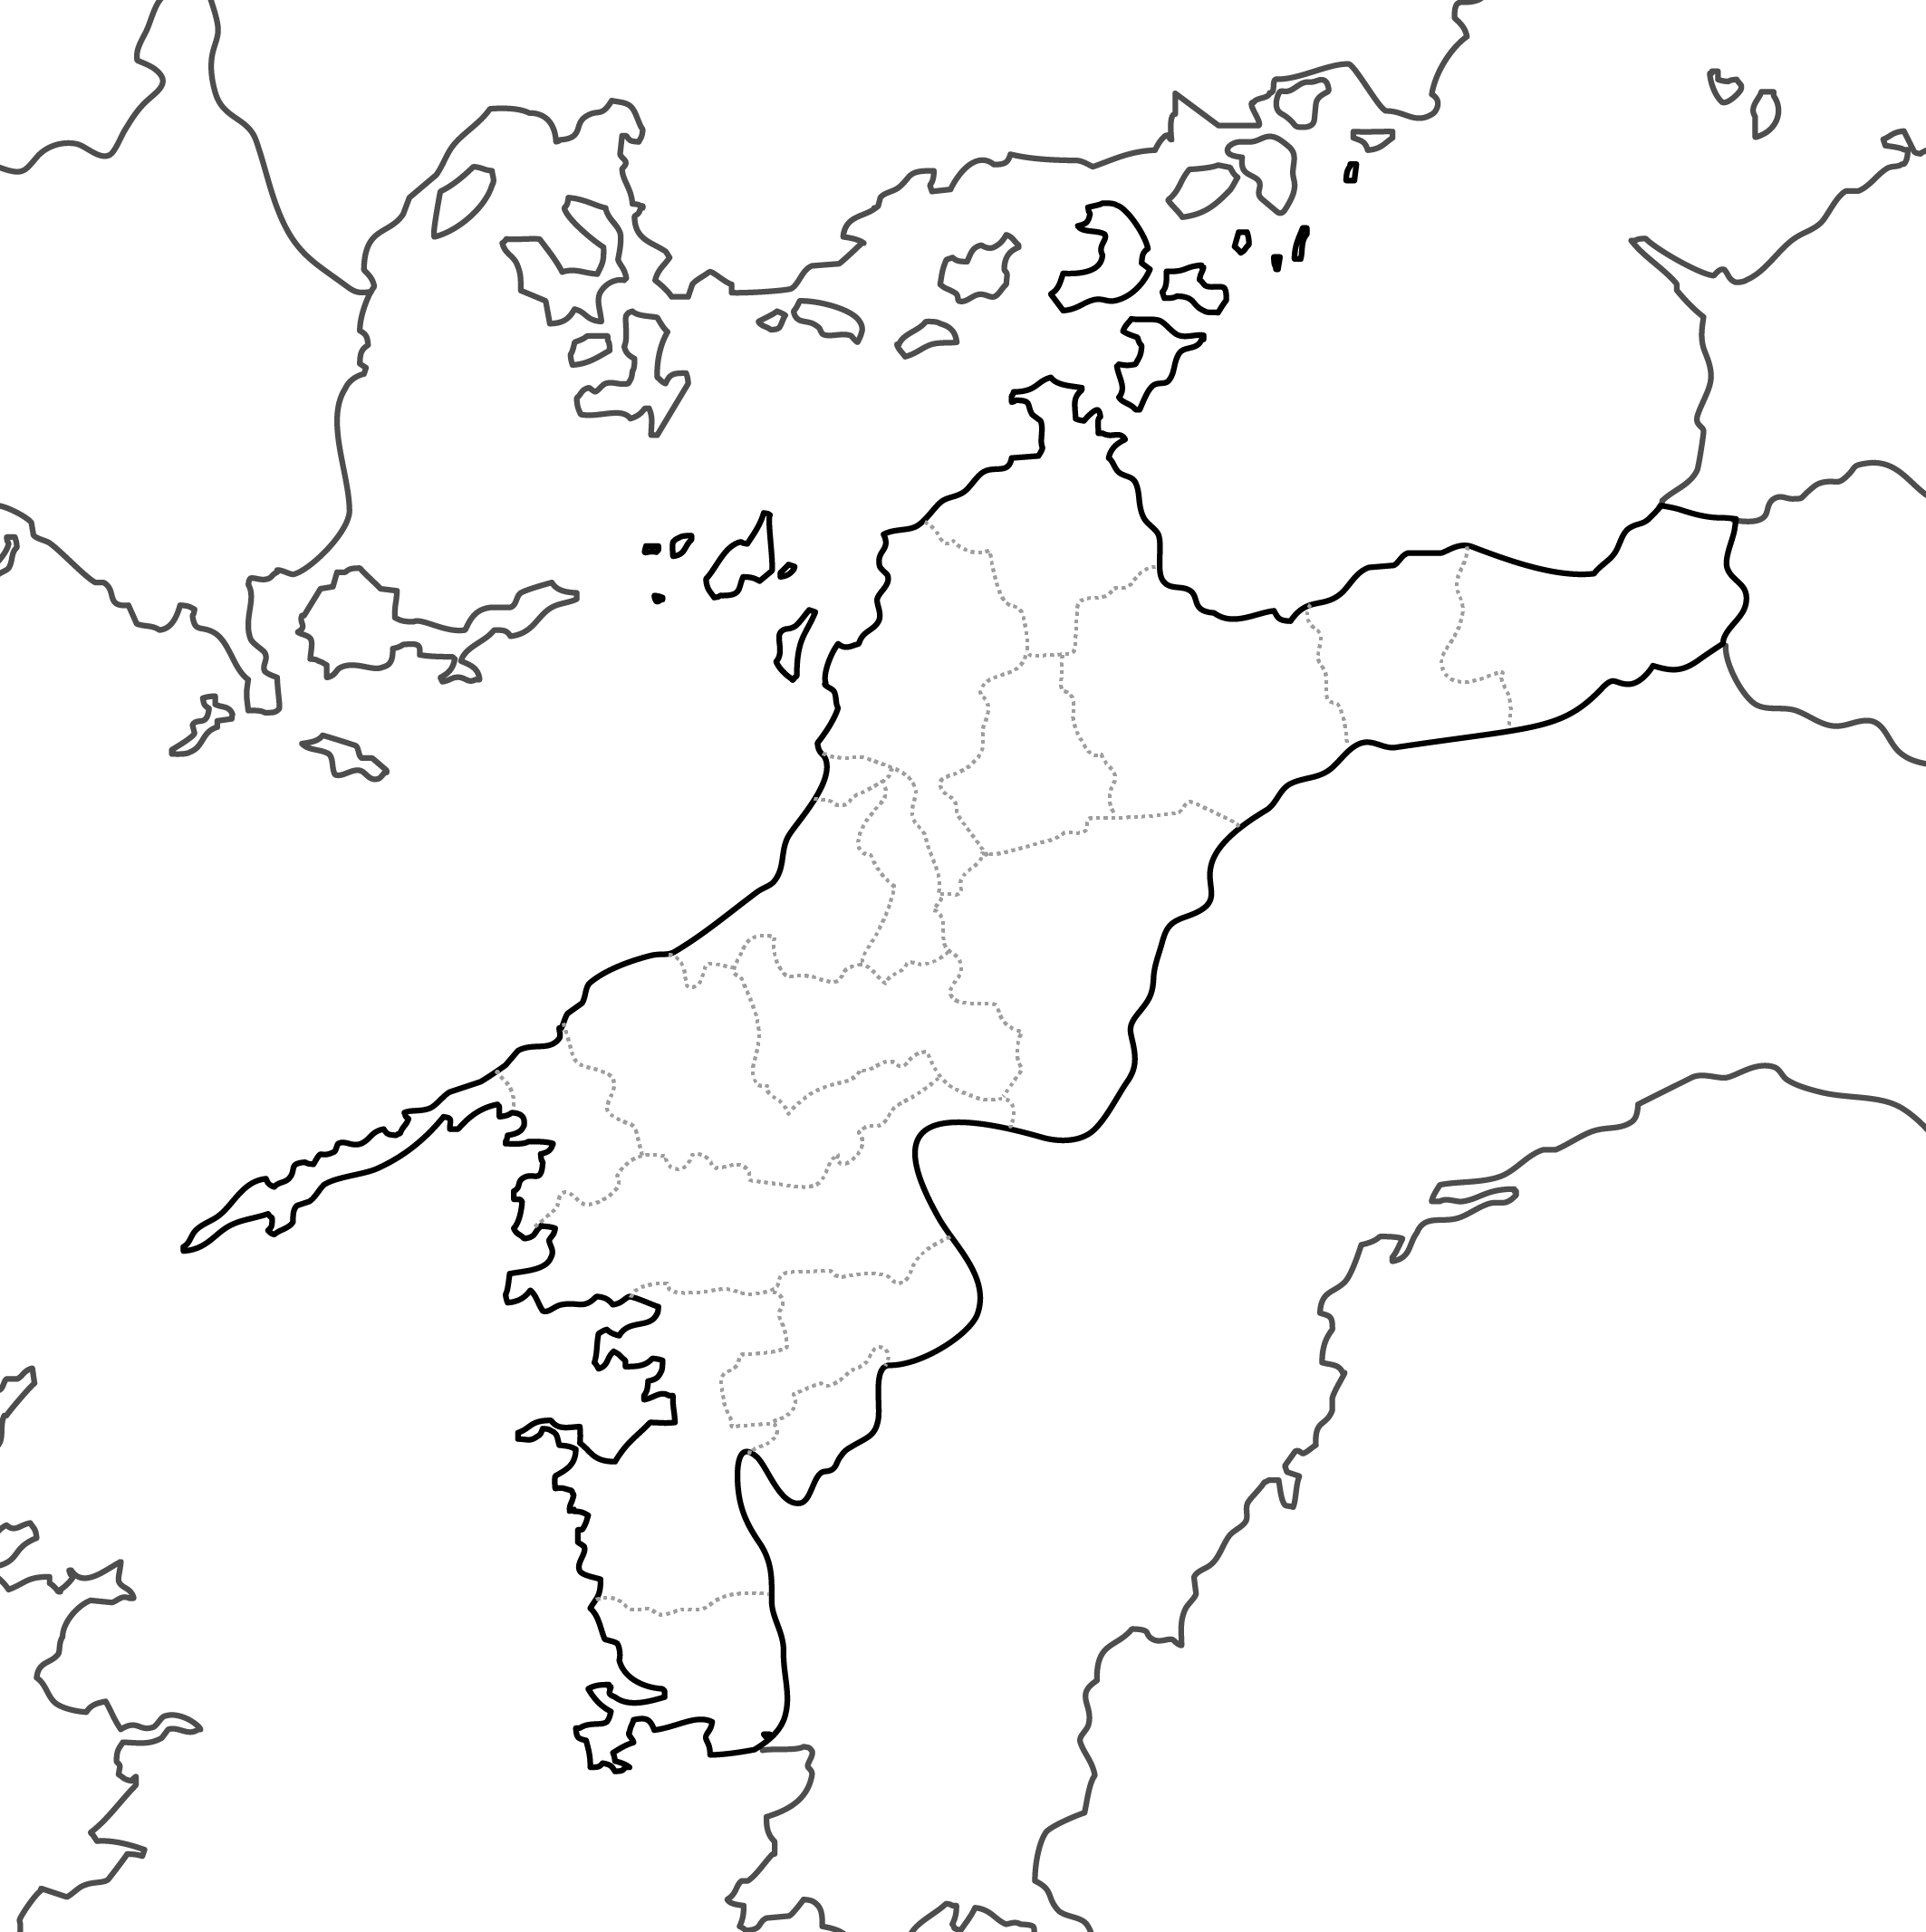 [白地図]愛媛県・ラインあり・市区町村名なし・隣県なし